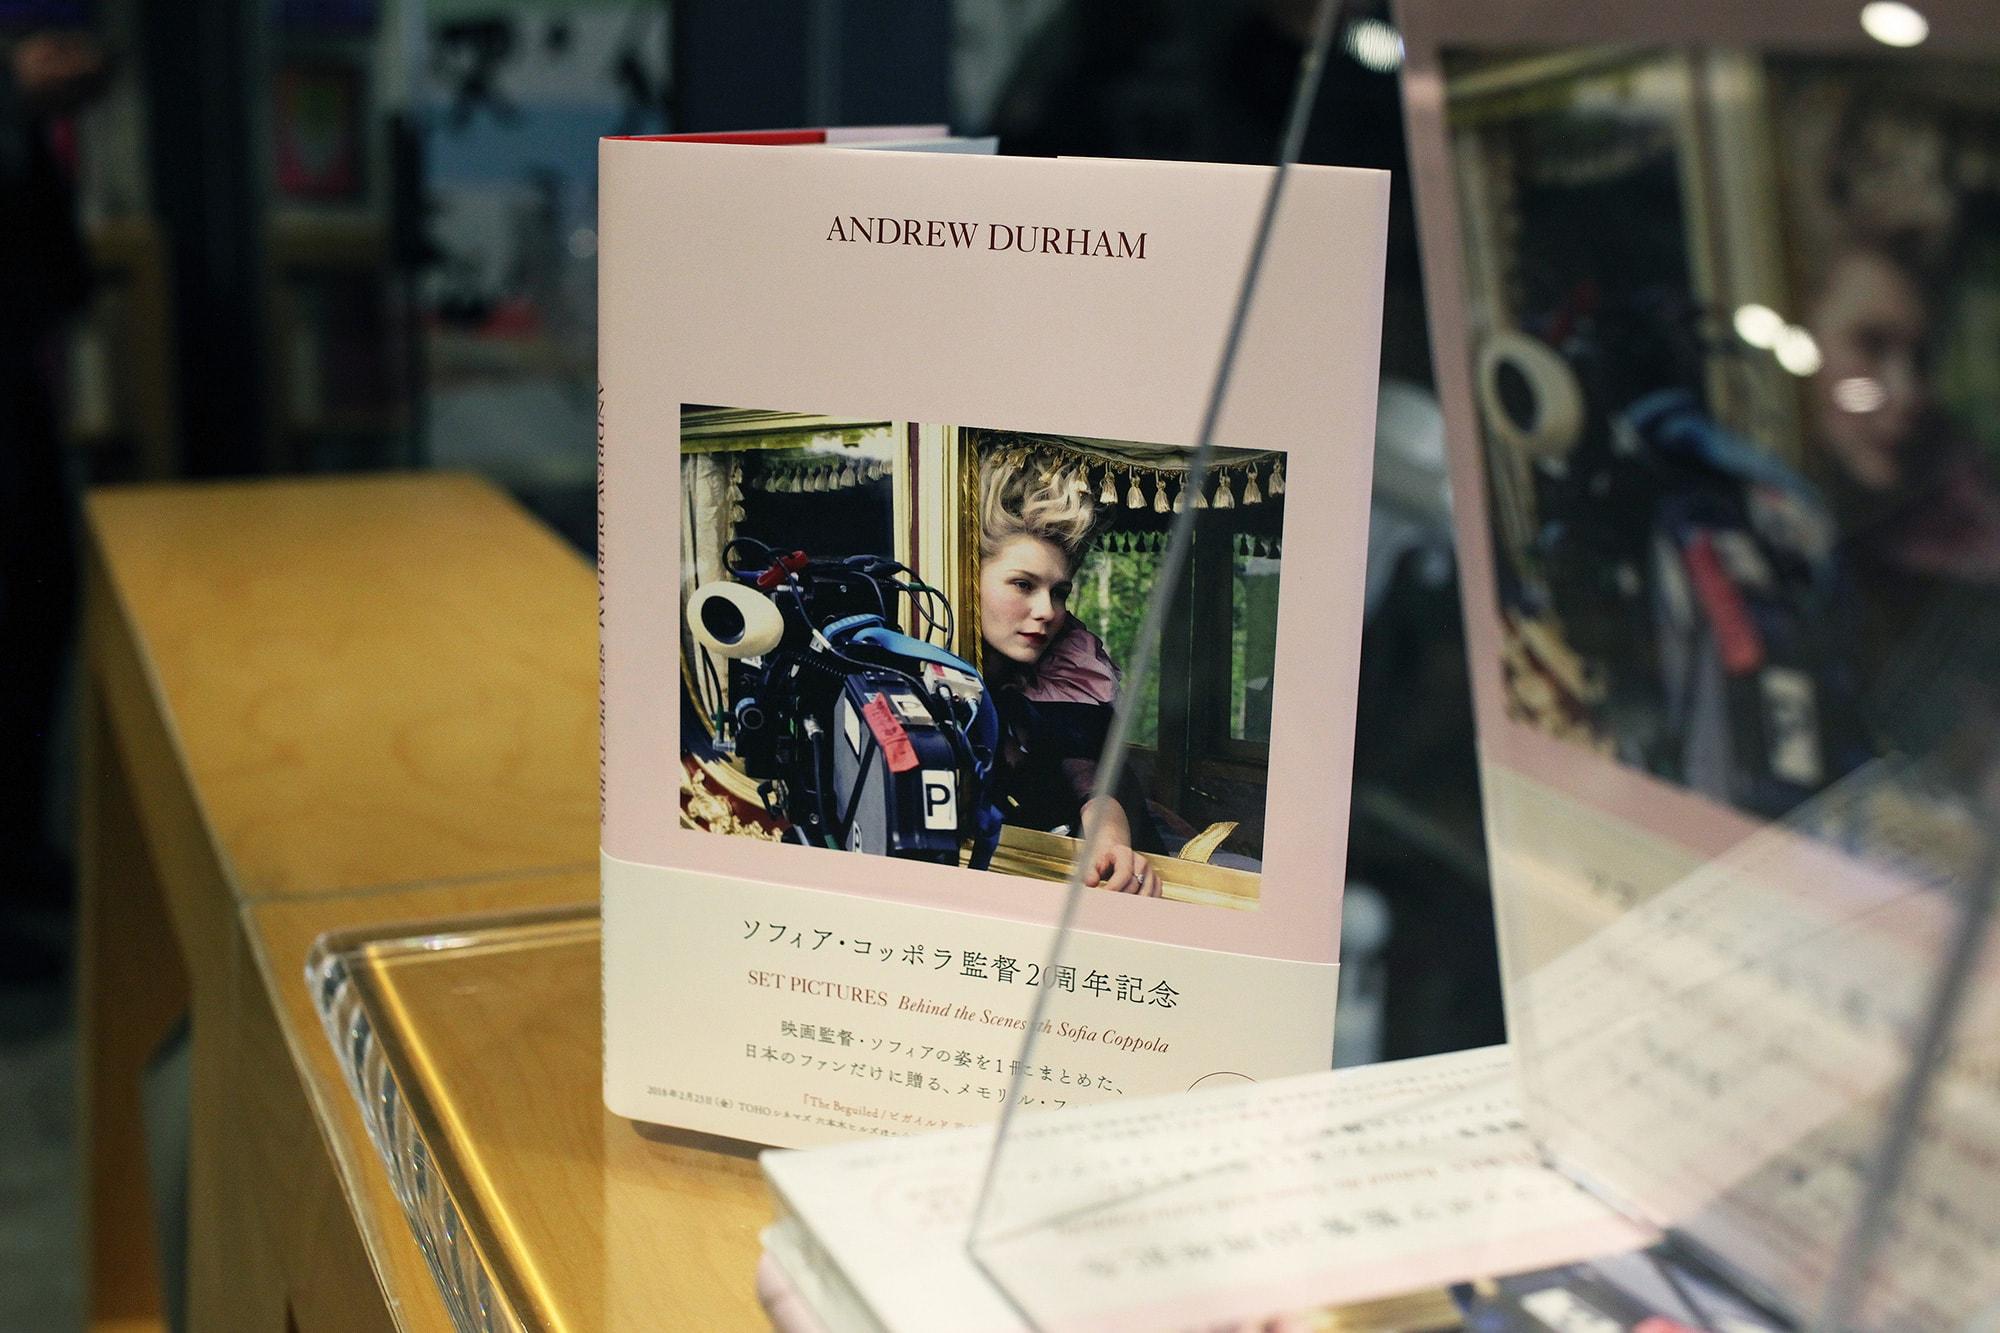 アンドリュー・ダーハム×林央子「ソフィア・コッポラ映画の舞台裏を綴る、メモリアルブックの舞台裏」 | 『Andrew Durham SET PICTURES Behind the Scenes with Sofia Coppola』